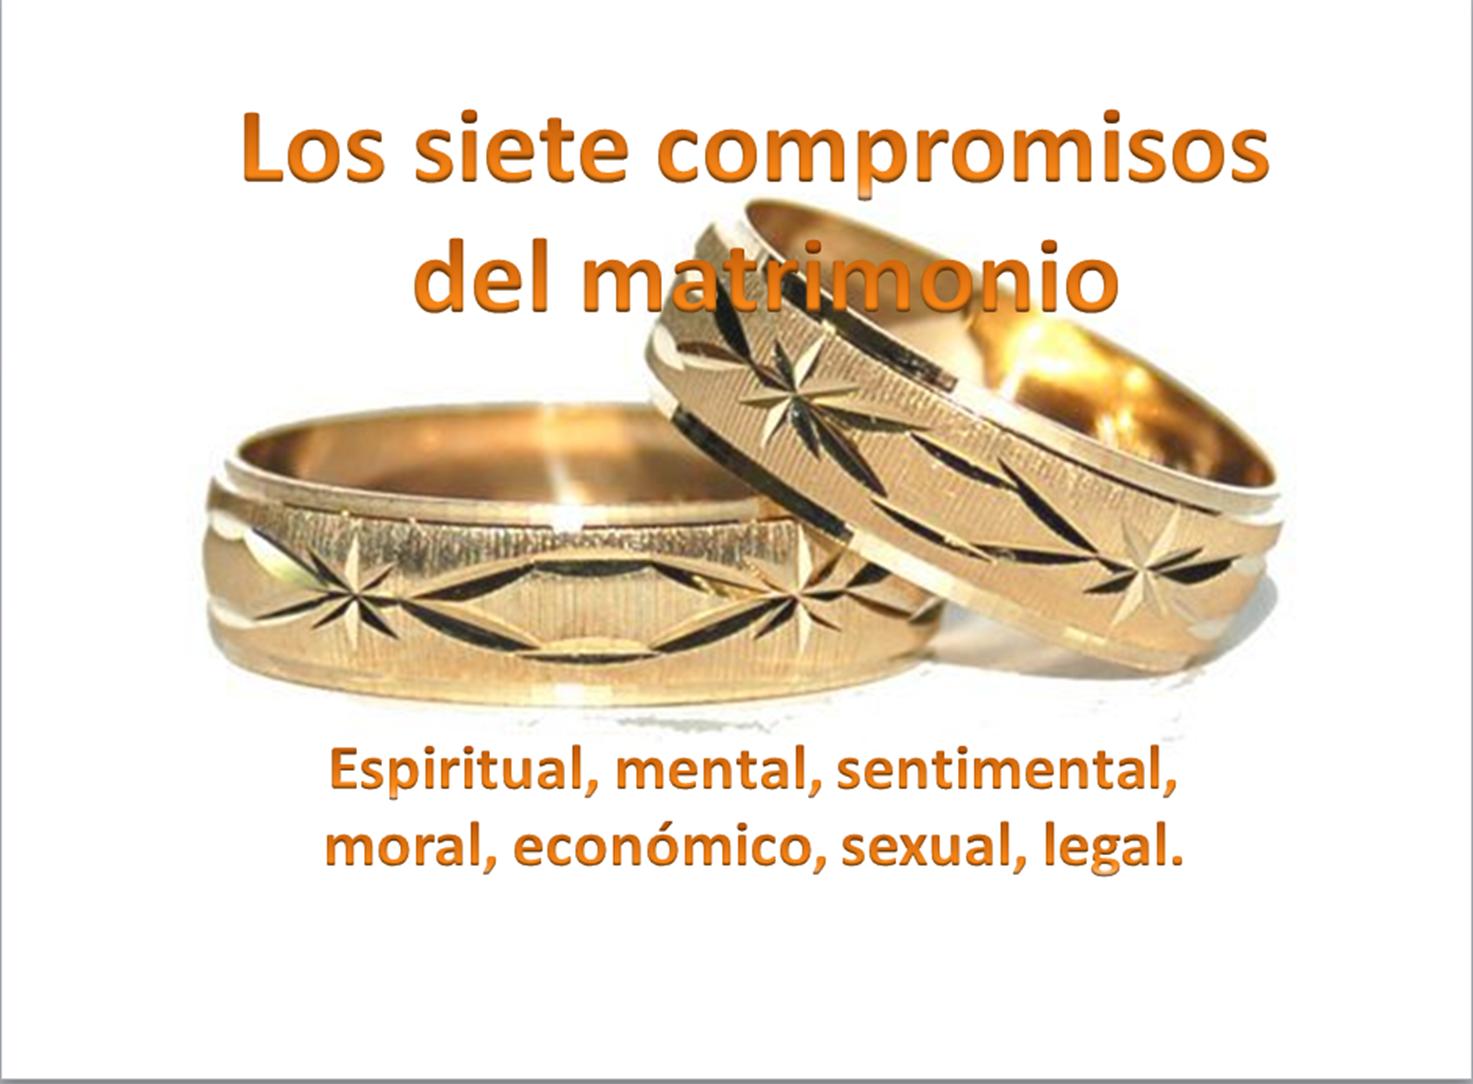 Matrimonio Catolico Y Cristiano : Los siete compromisos del matrimonio discipulados